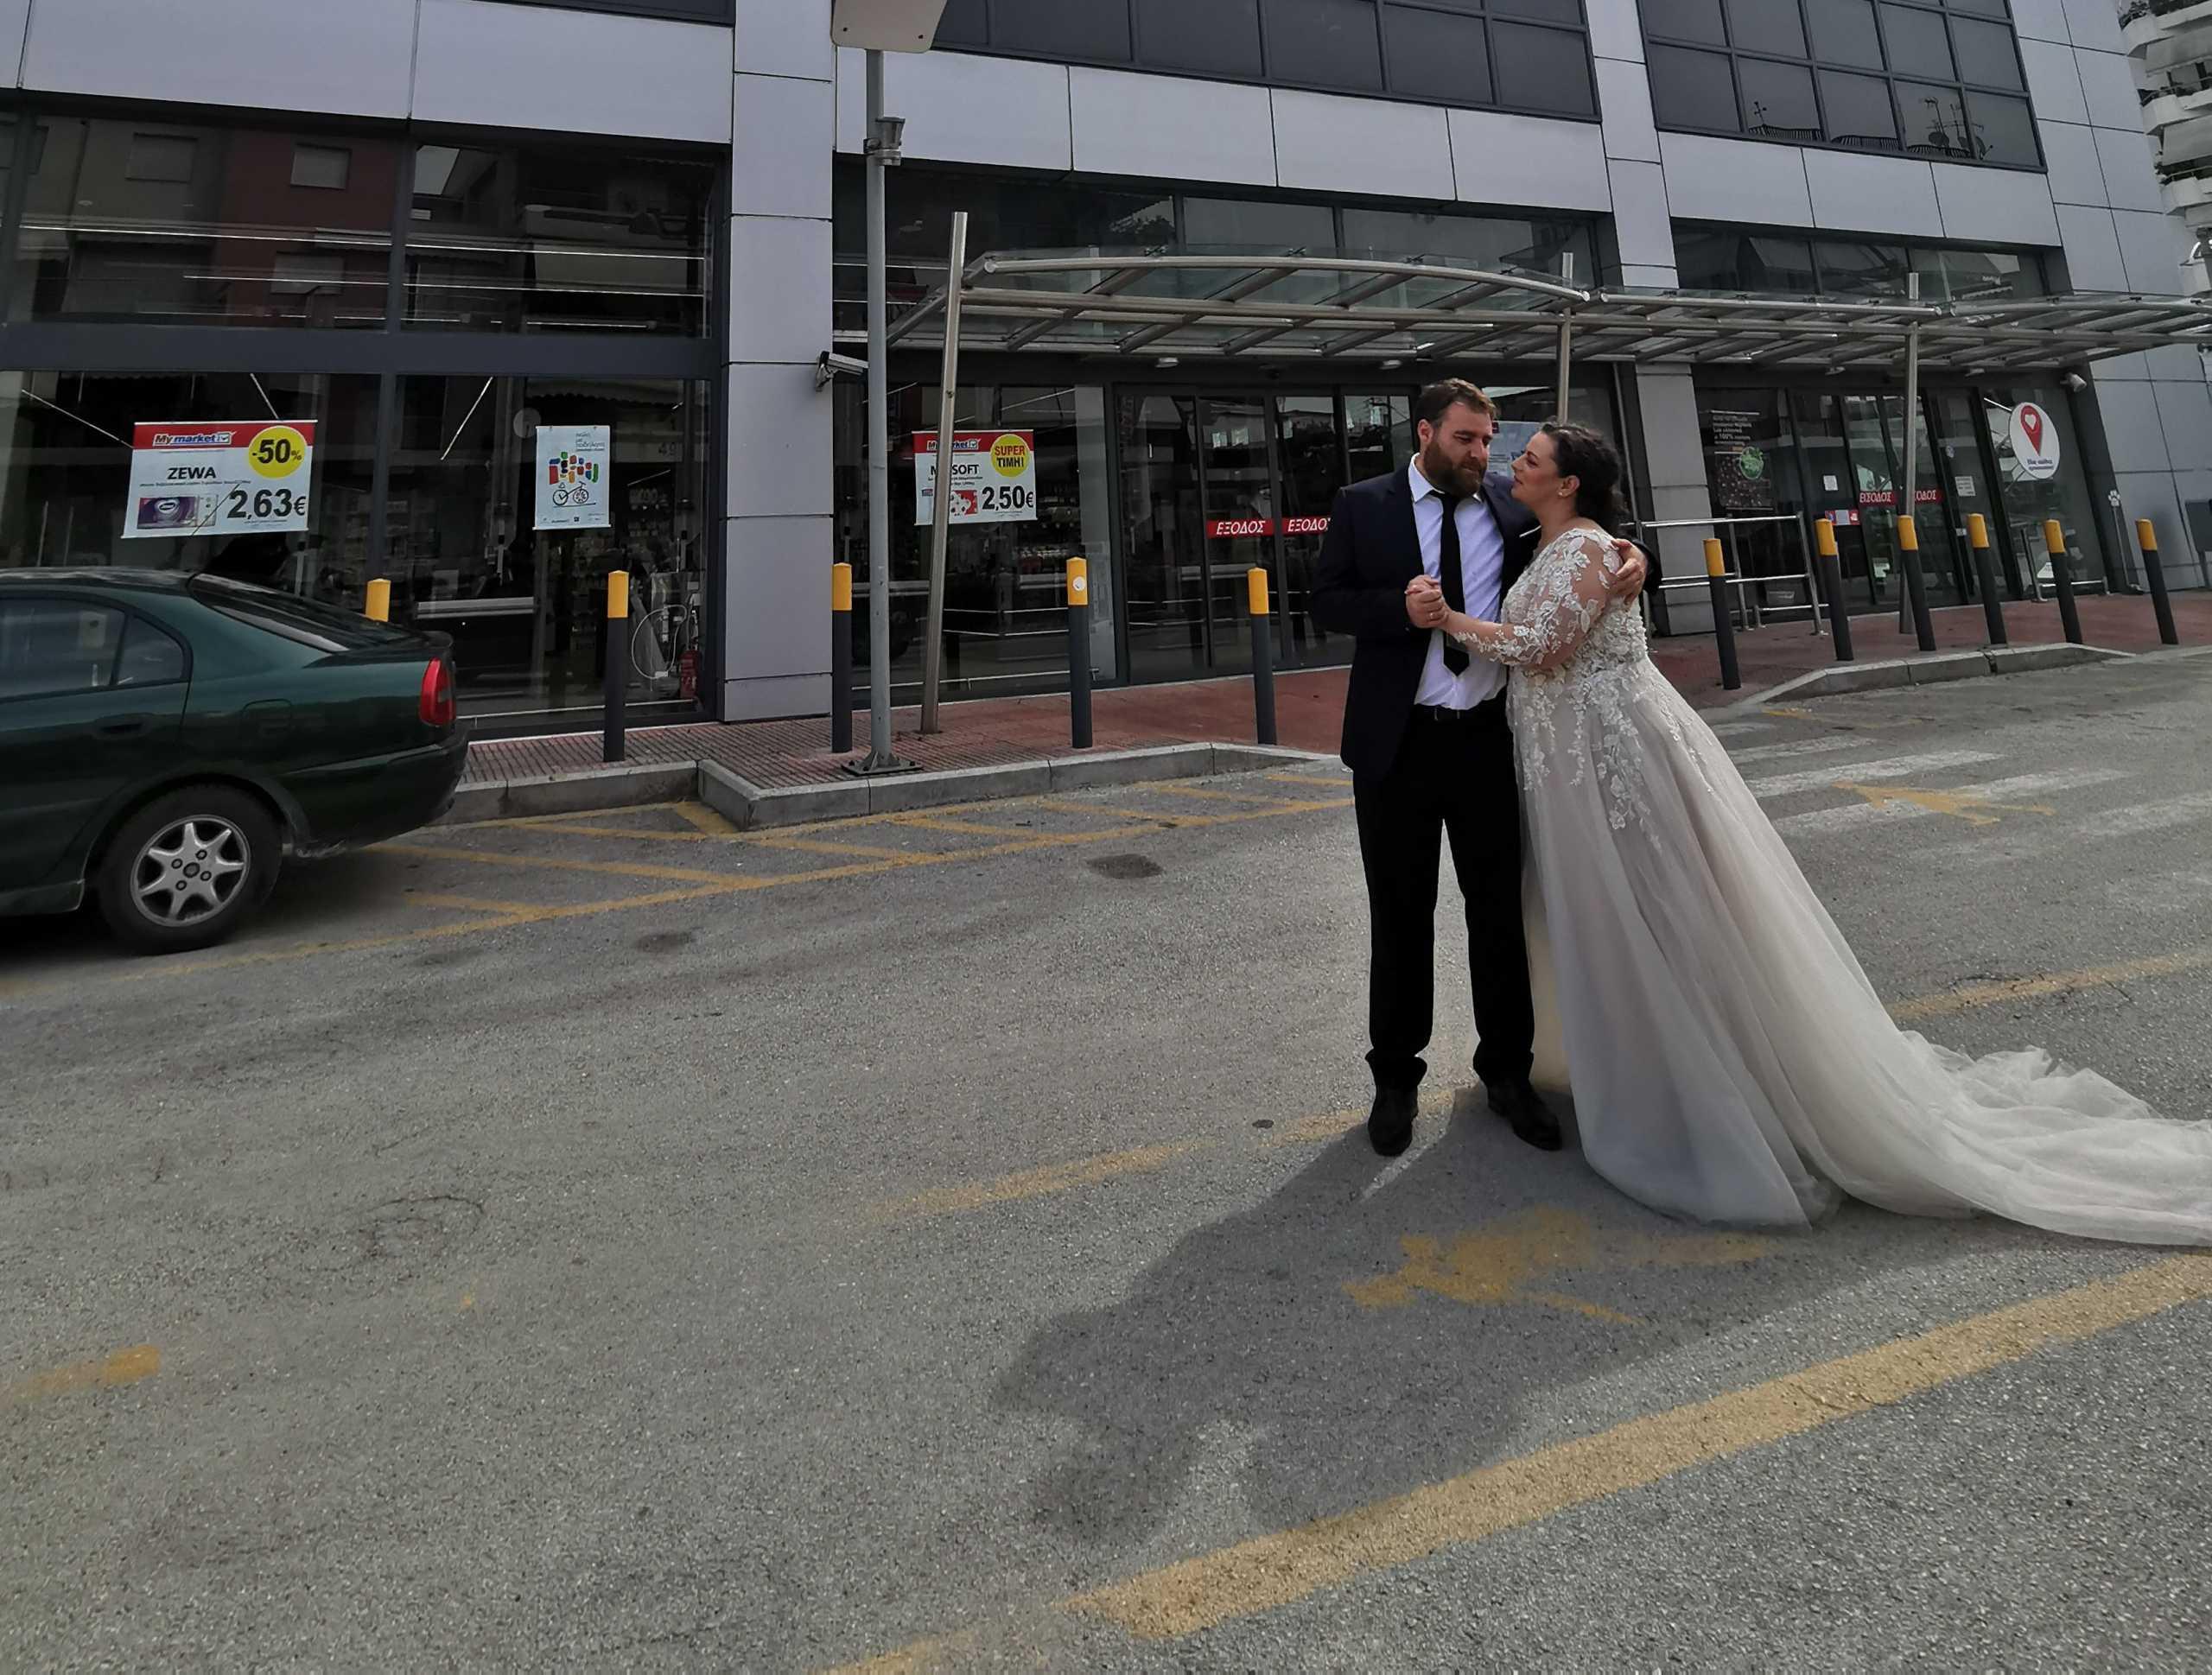 Τρίκαλα: Ιστορίες αγάπης από την καραντίνα! Πρώτο ραντεβού σε σούπερ μάρκετ και ένα χρόνο μετά γάμος